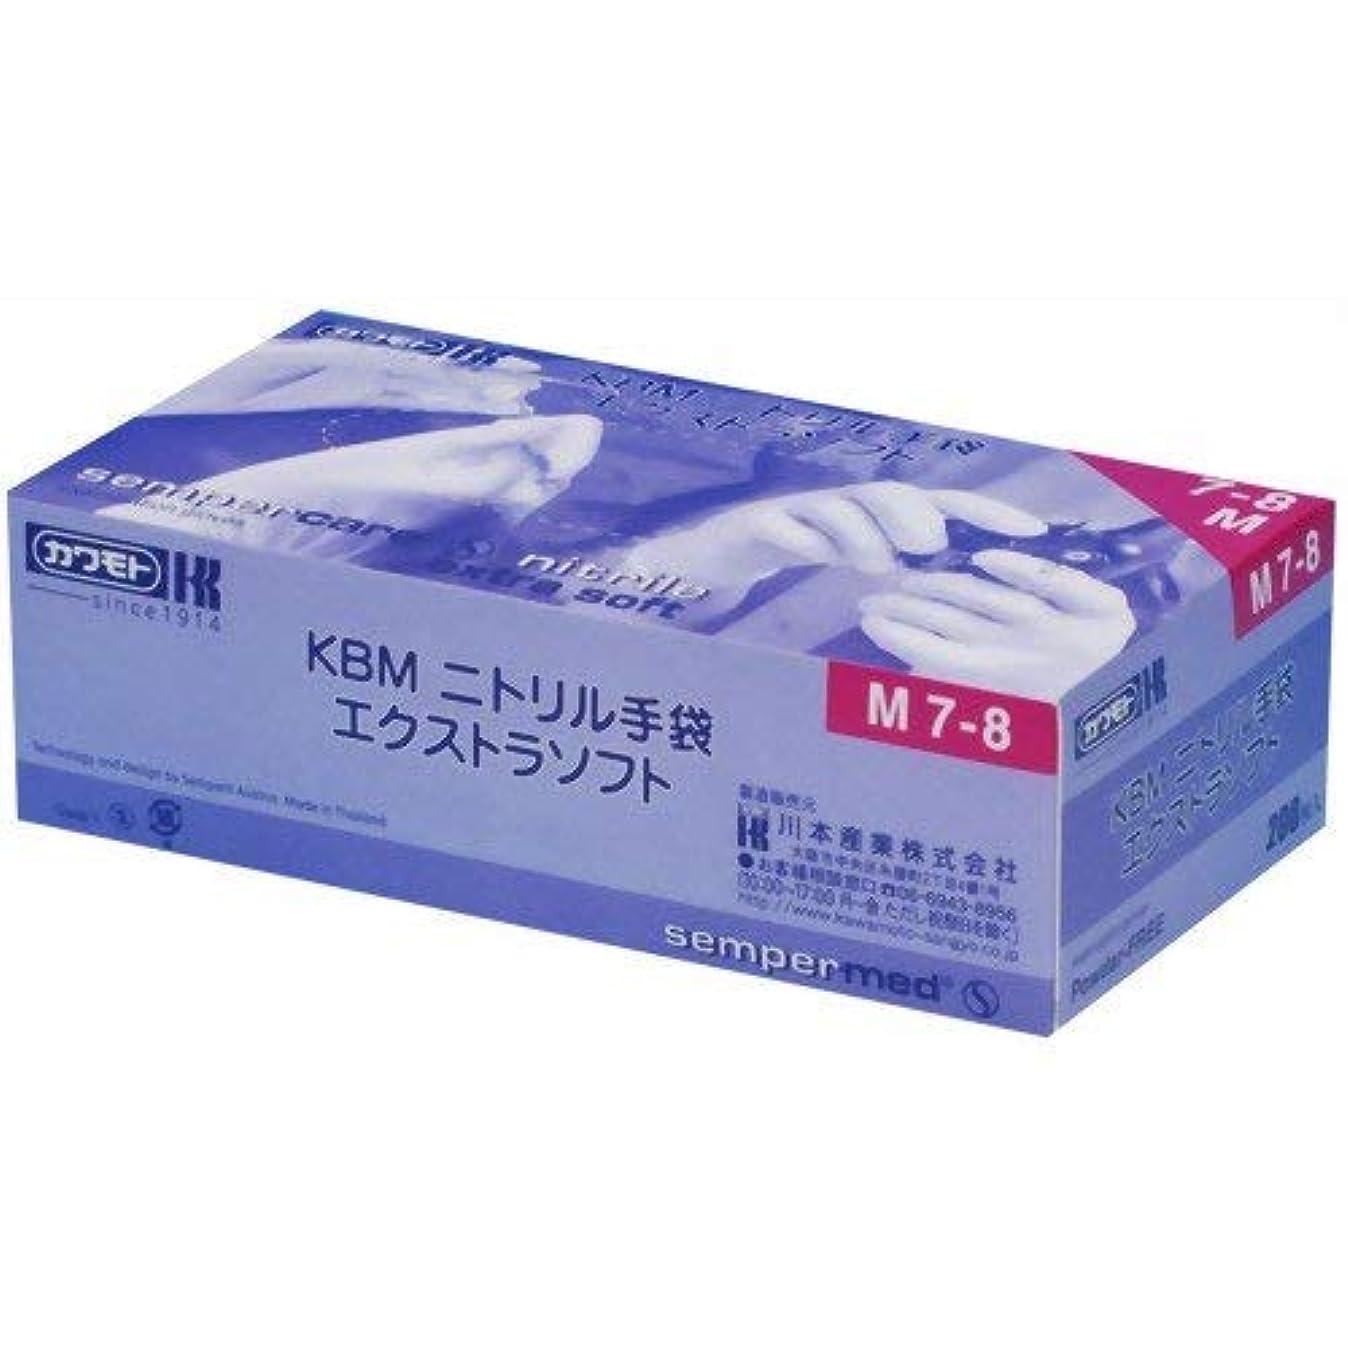 商品剃るゼリー川本産業 KBMニトリル手袋 エクストラソフト S 200枚入 × 48個セット